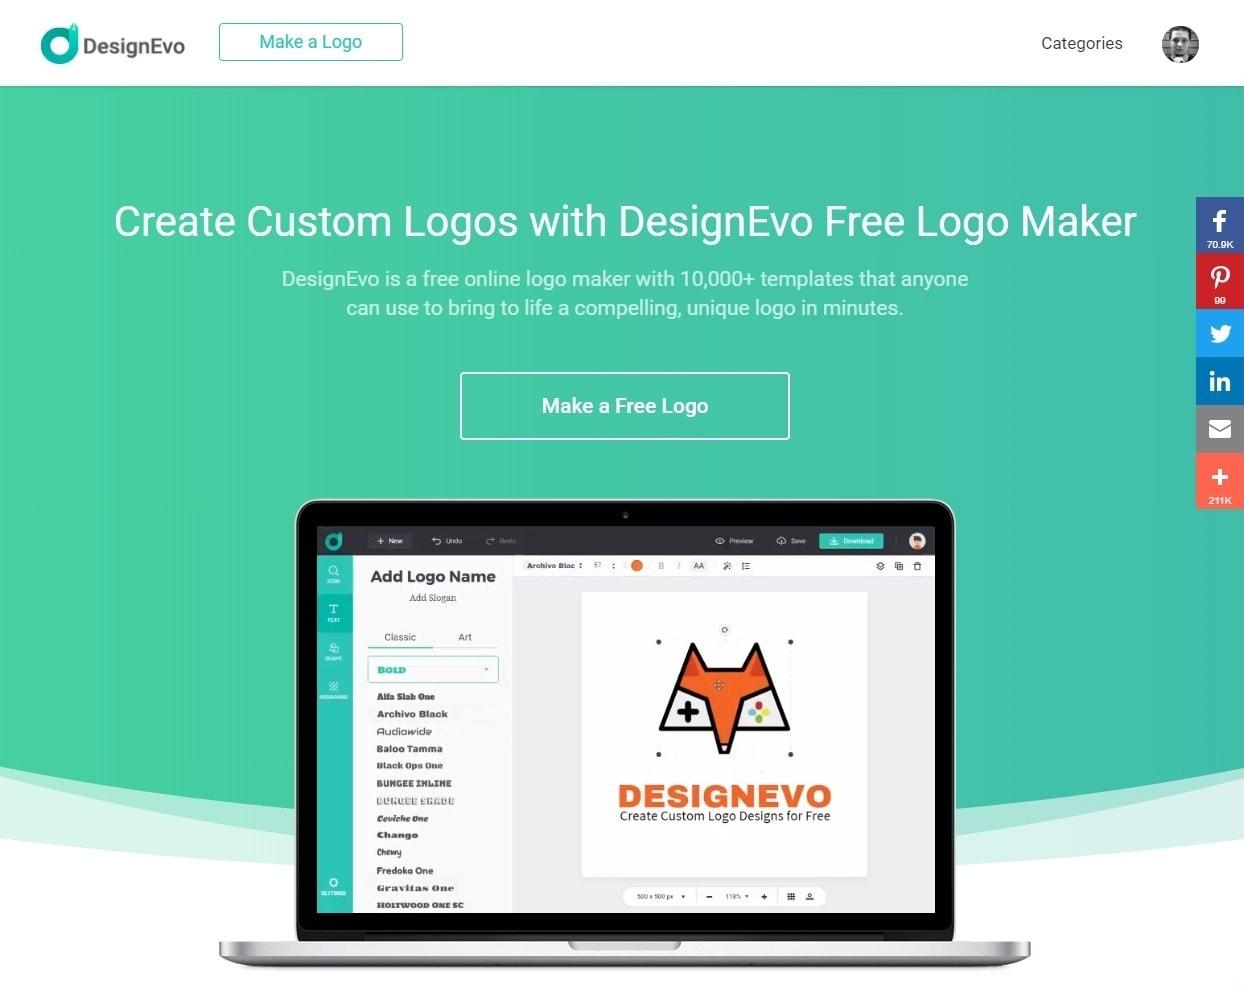 DesignEvo-overview1